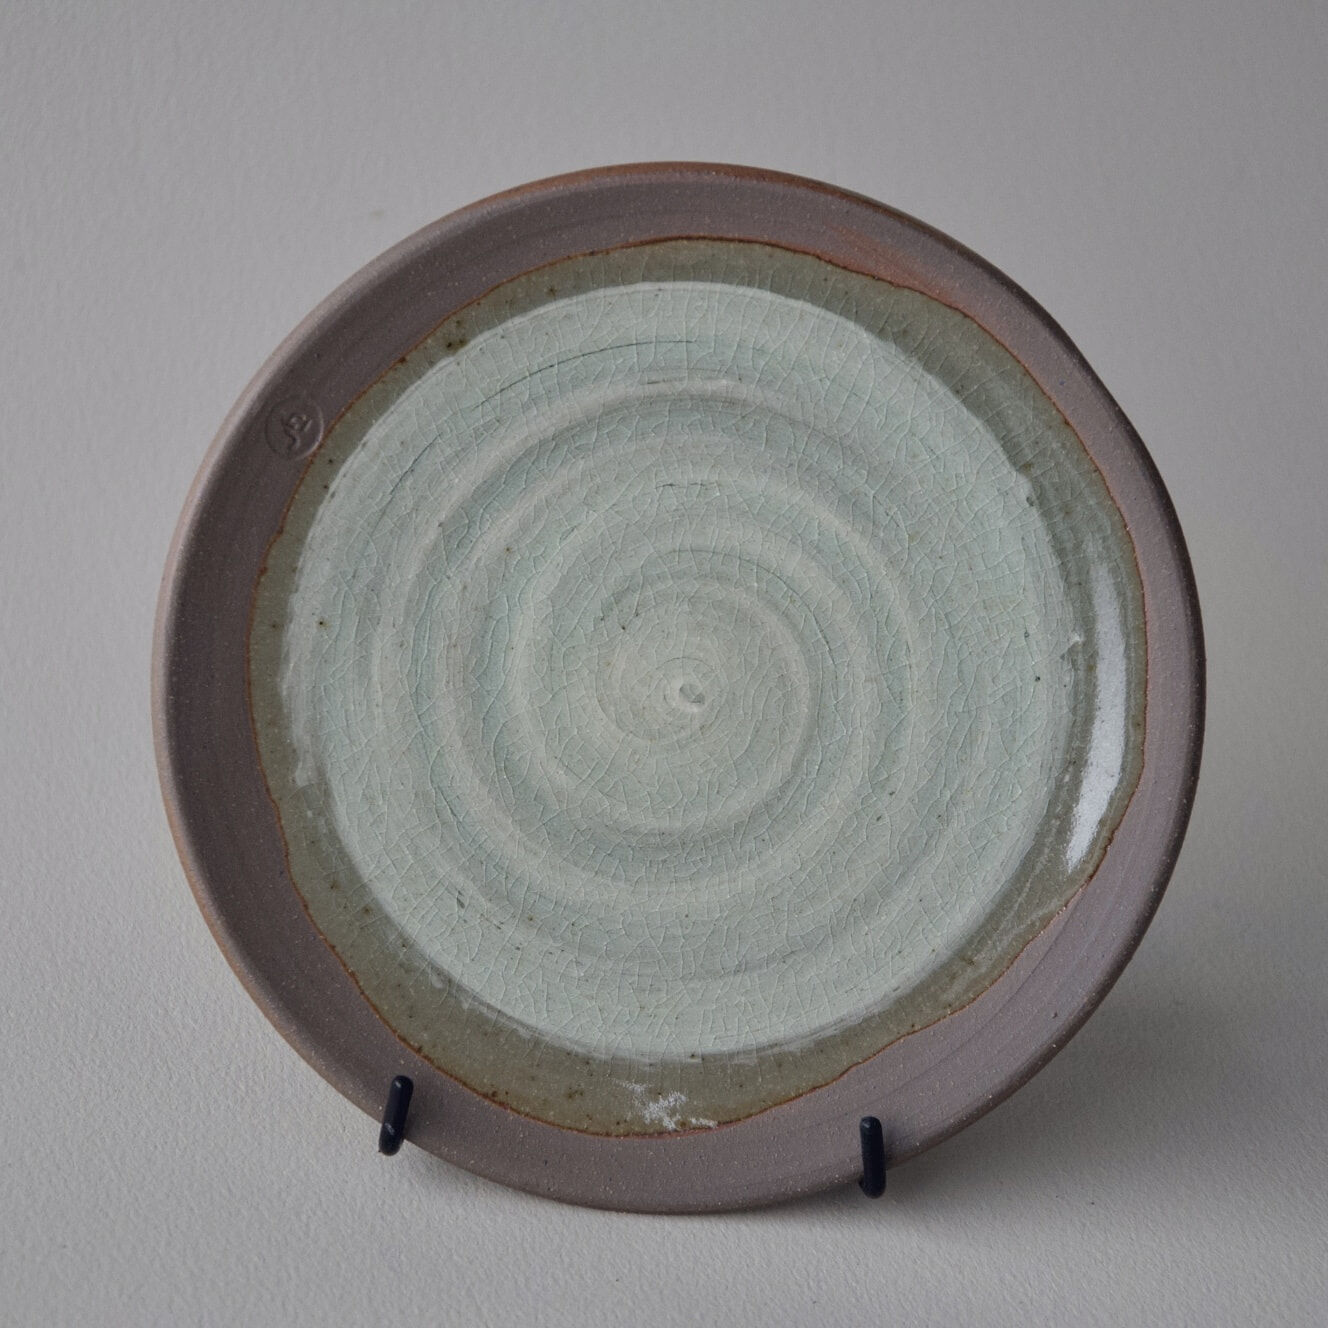 SmlPlate02a-slip:celadon-JHendy8:21